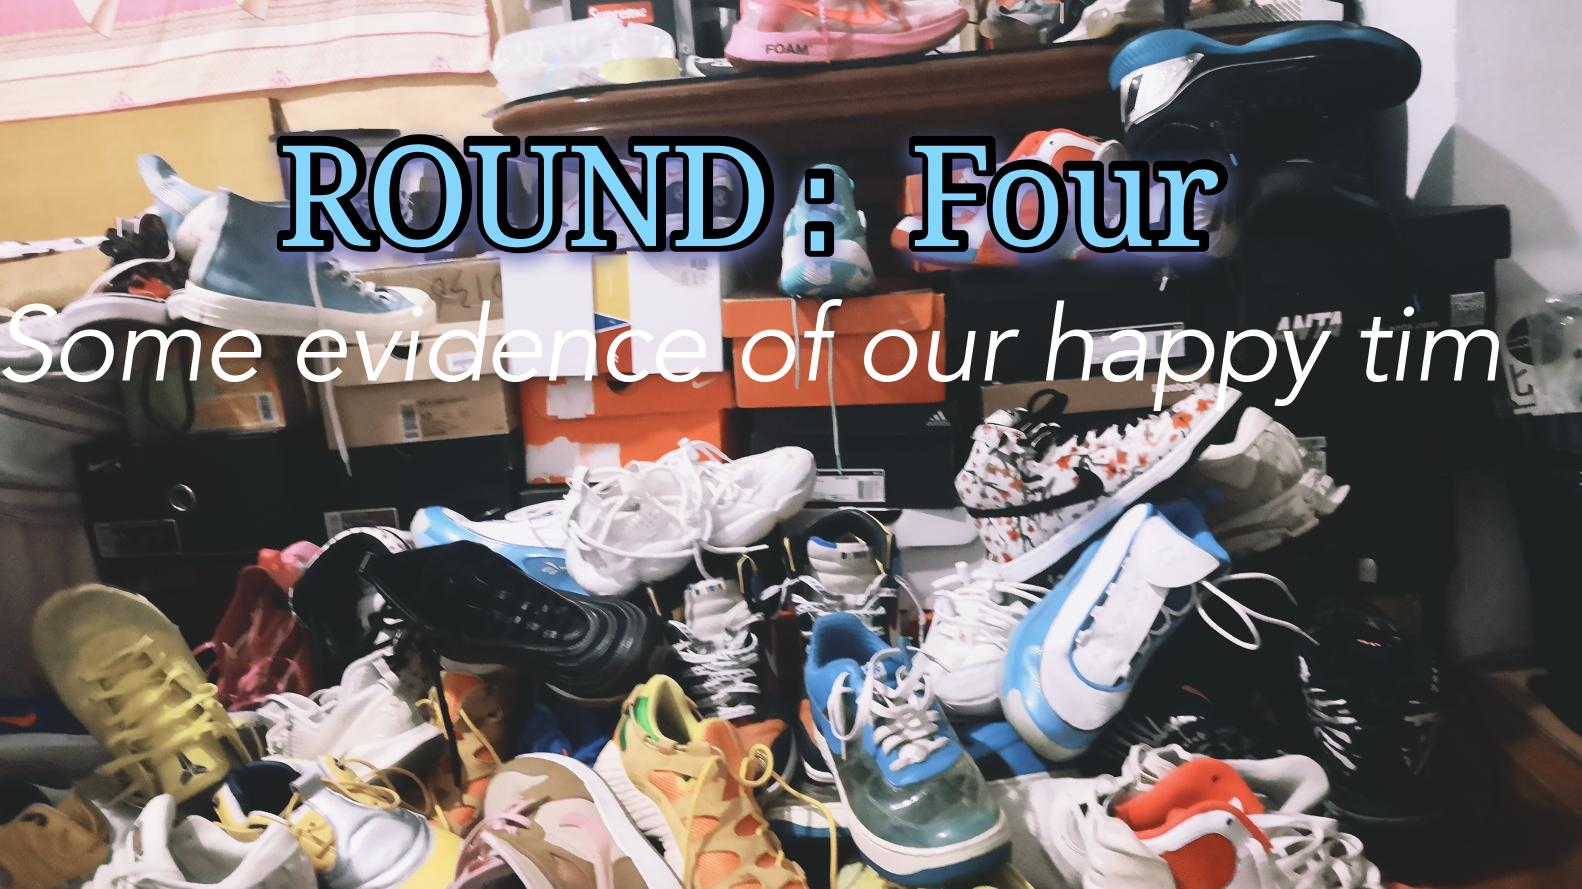 【超A新生计划】ROUND:Four 球鞋的展示与介绍